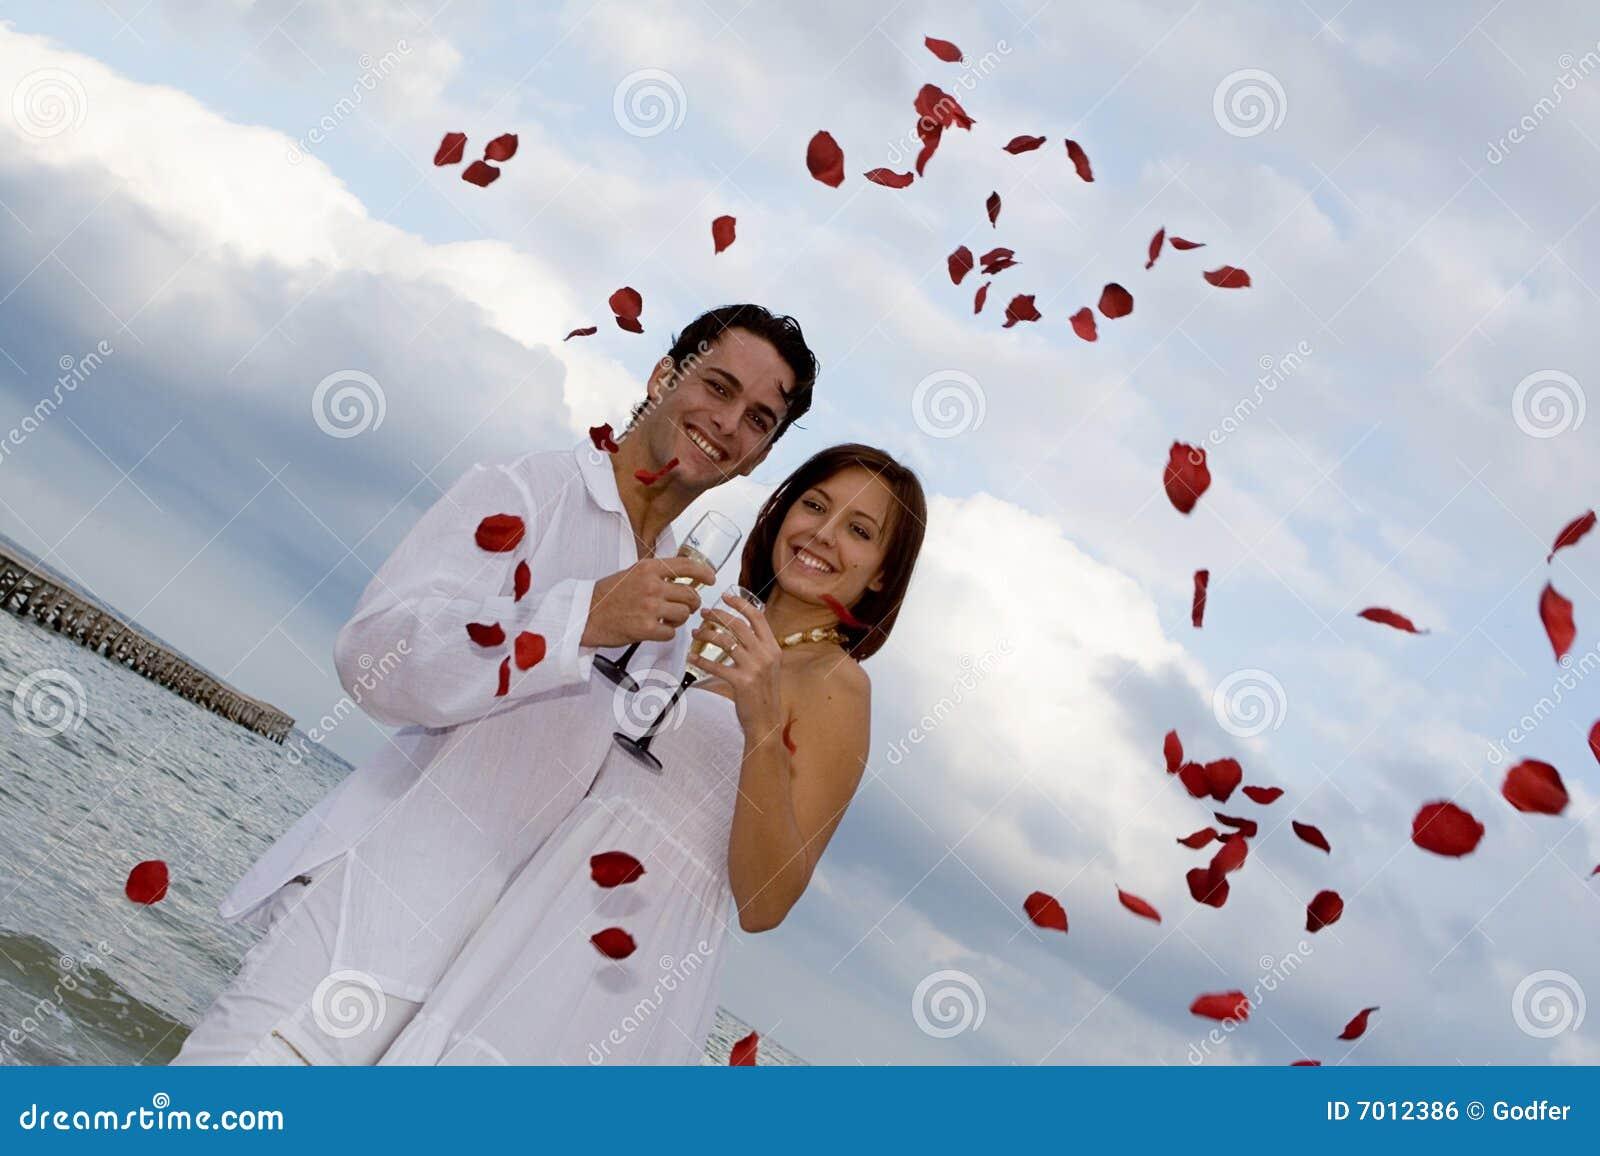 mariage romantique sur la plage image libre de droits image 7012386. Black Bedroom Furniture Sets. Home Design Ideas